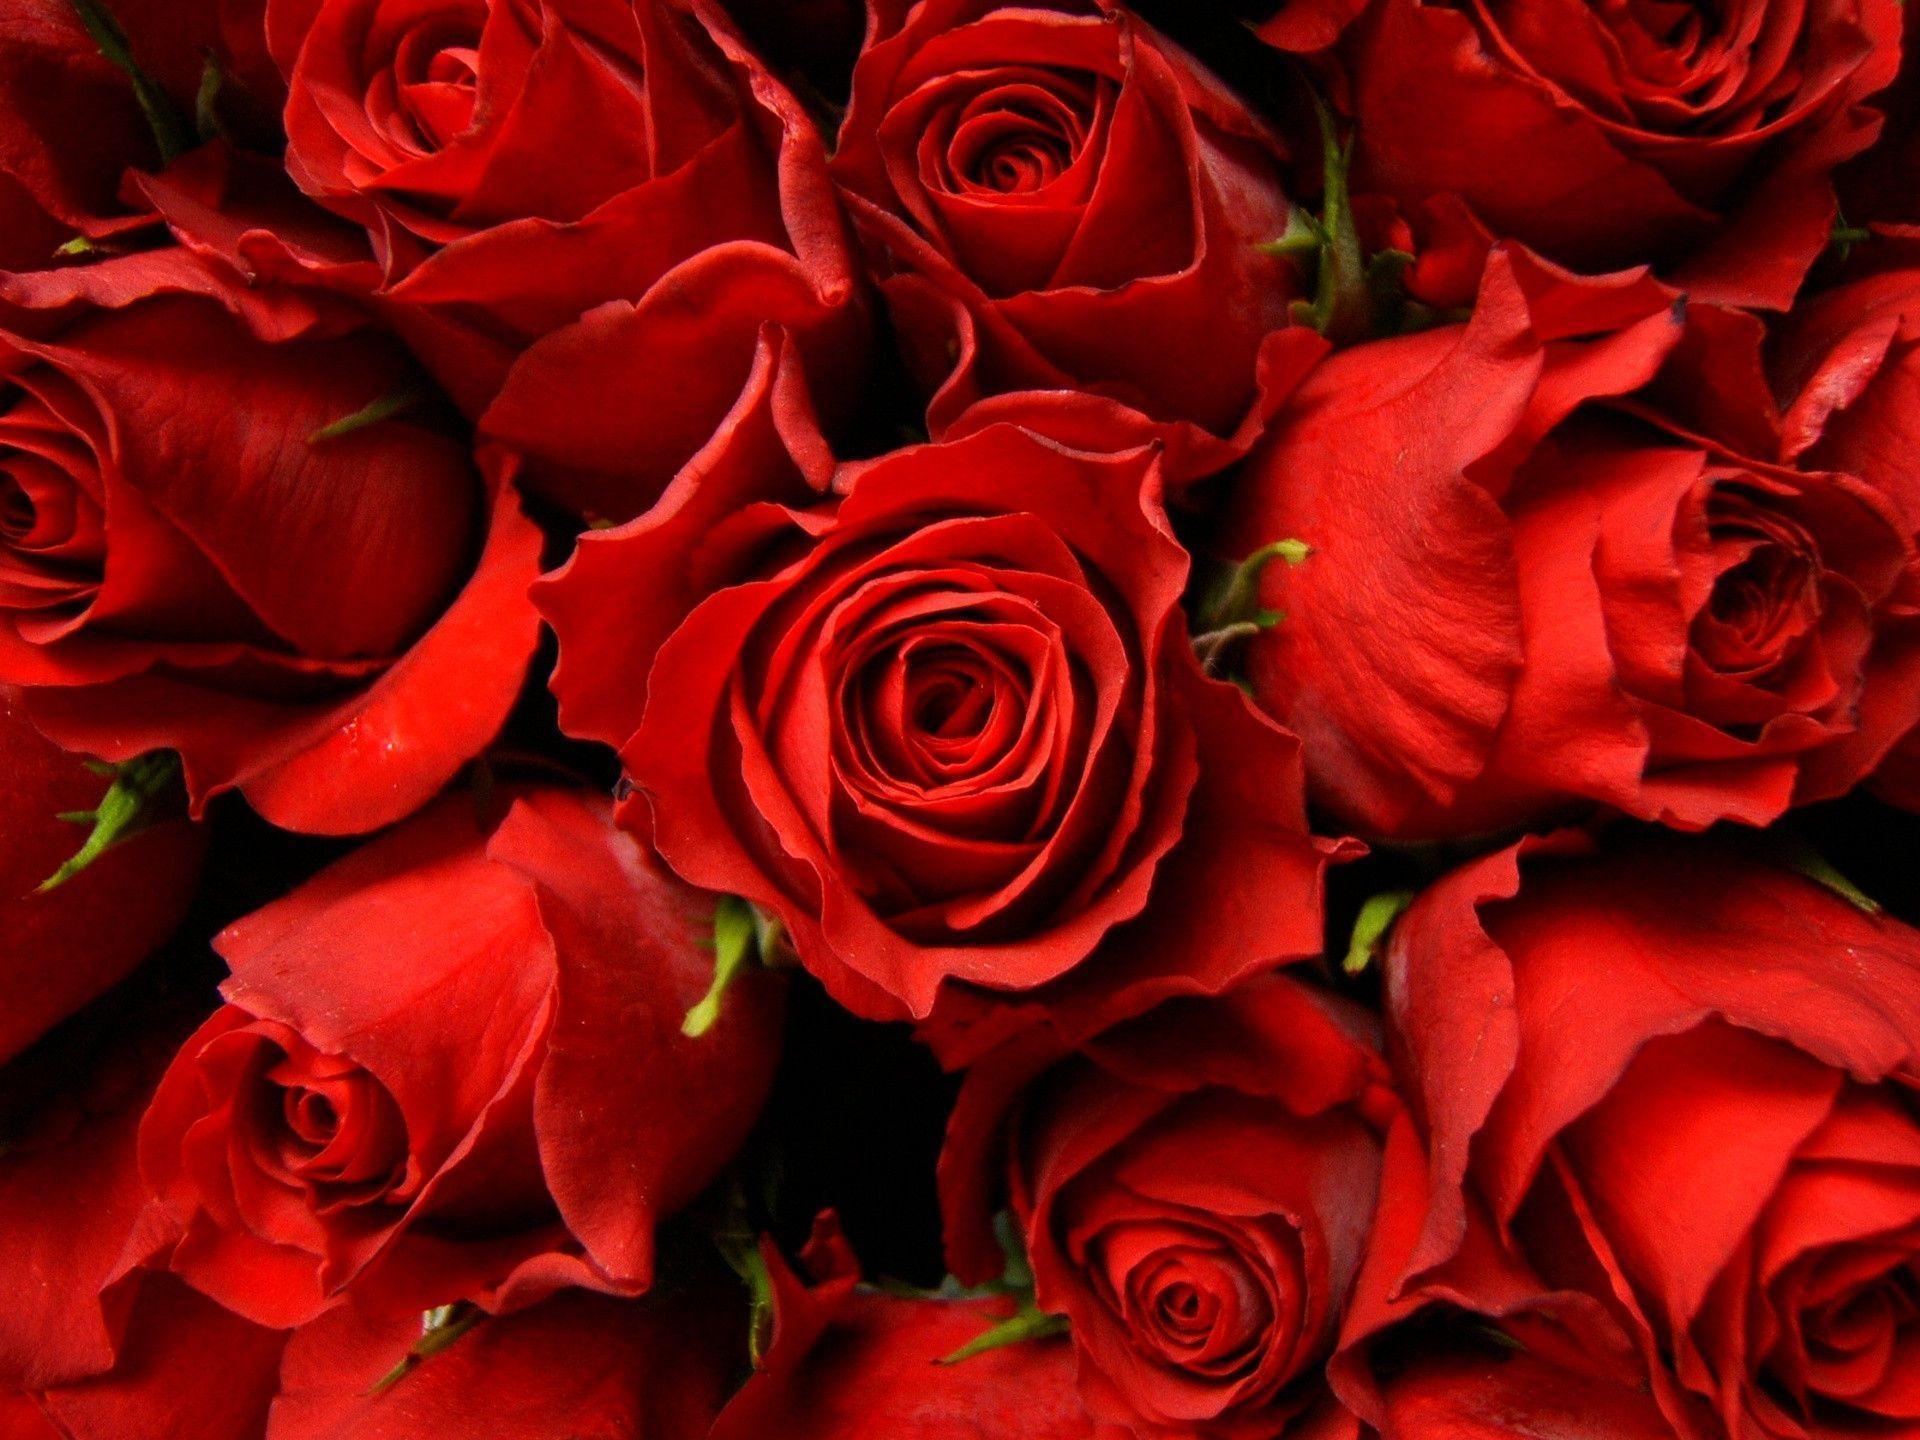 red rose desktop background - photo #4